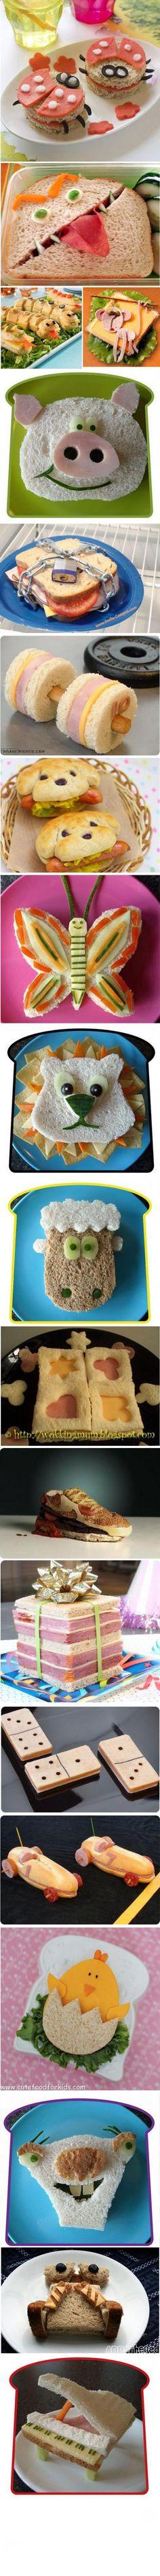 Nice ideas to make your kid's lunch a highlight of the day / Schöne Ideen, wie man das Mittag essen für's Kind zu einem Höhepunkt des Tages werden lassen kann